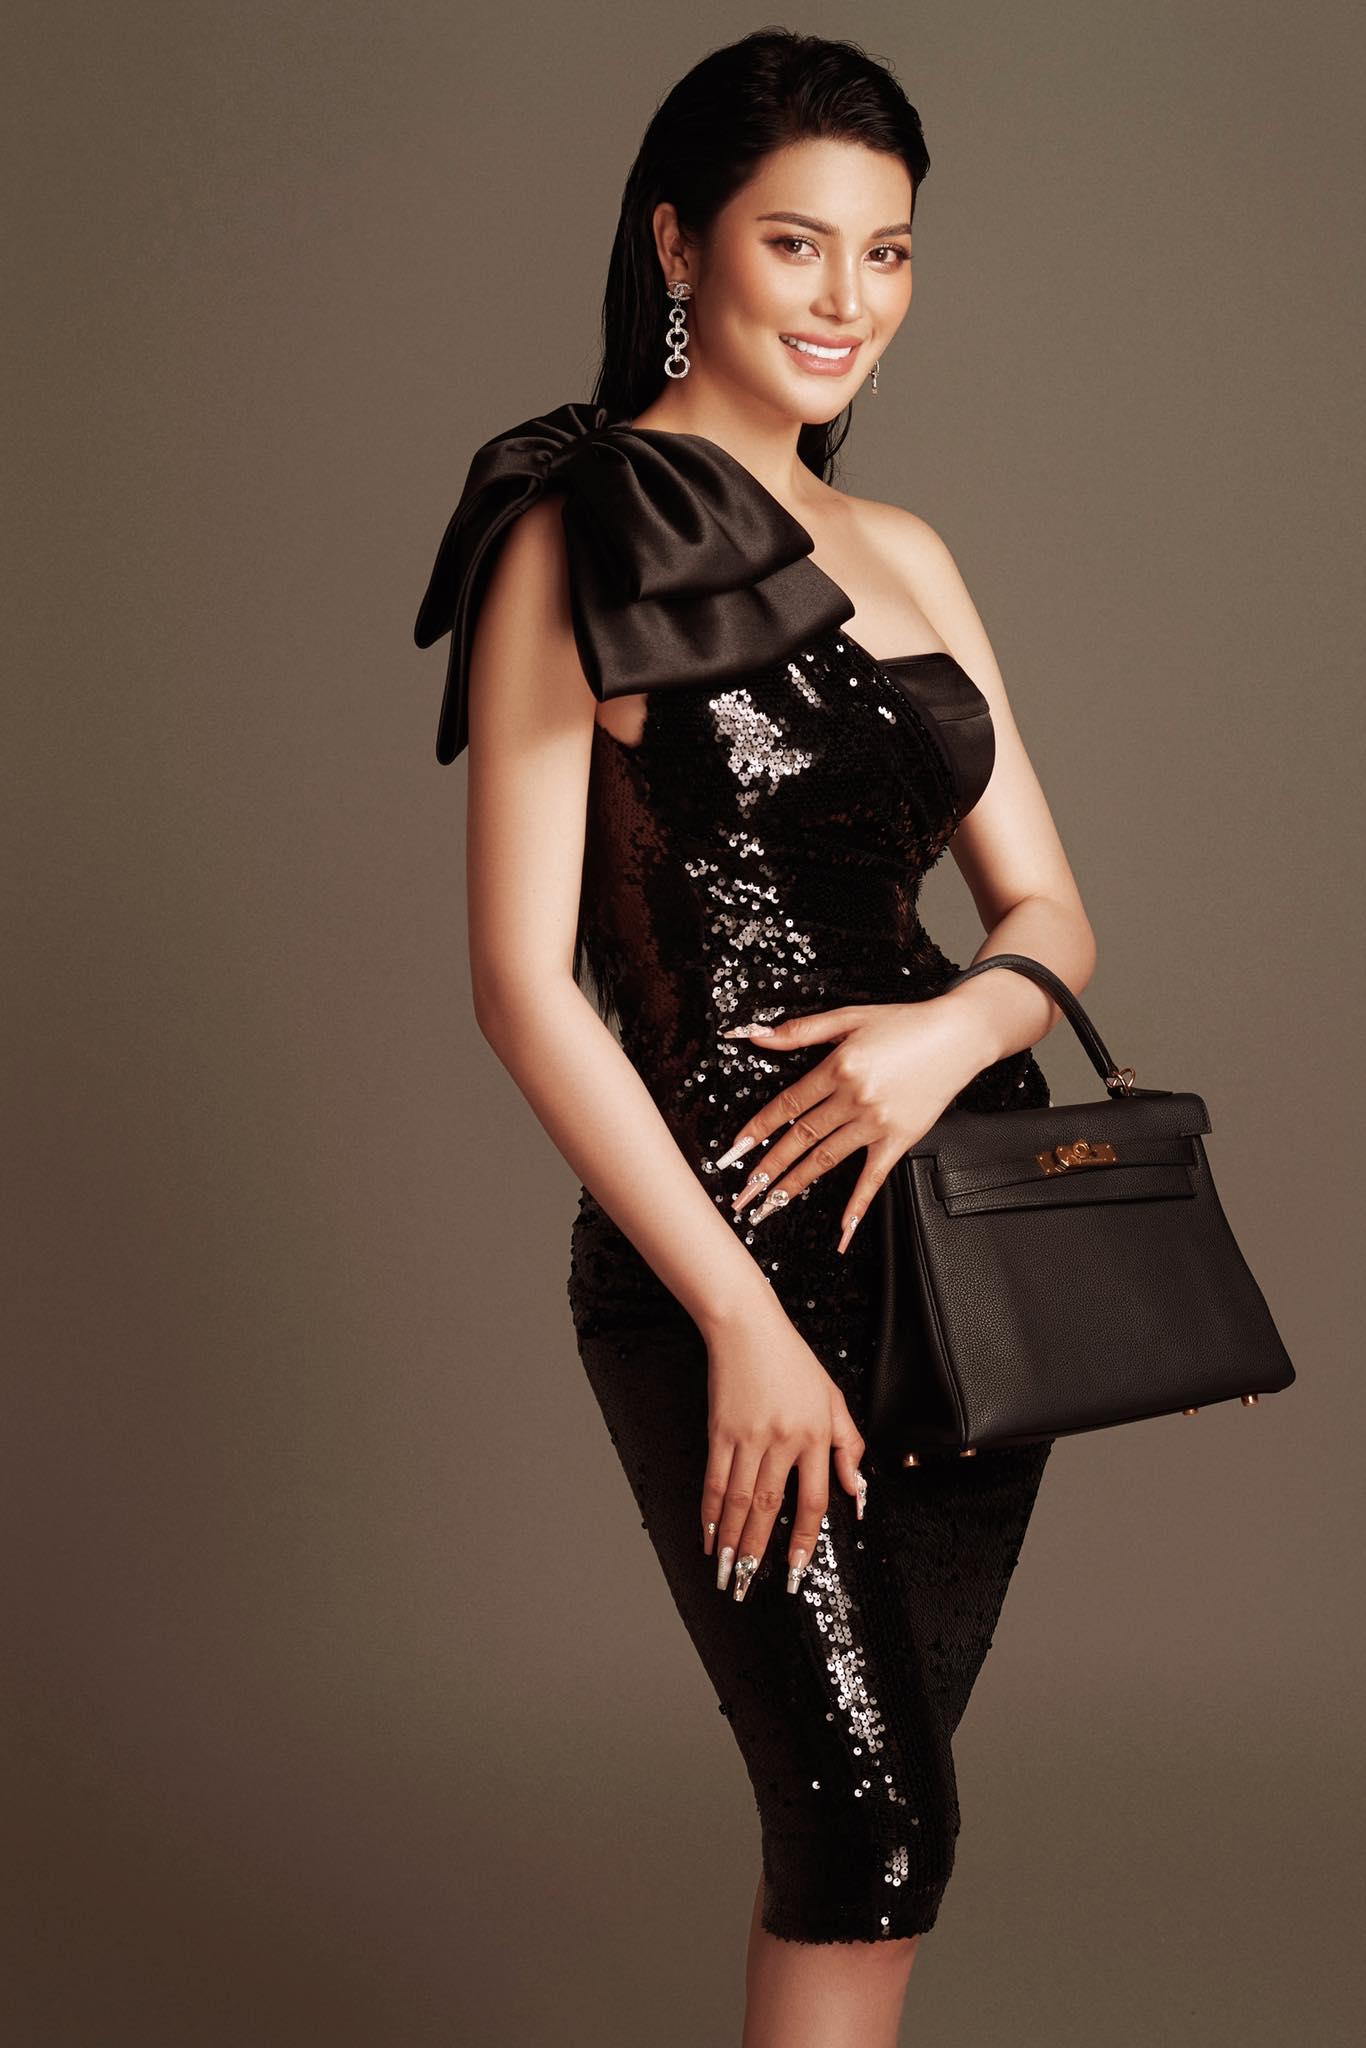 """Thú vui xa xỉ của ngọc nữ Bolero Lily Chen: Diện túi hiệu theo cách """"độc nhất vô nhị"""", có chiếc còn dùng để che nội y - Ảnh 1."""